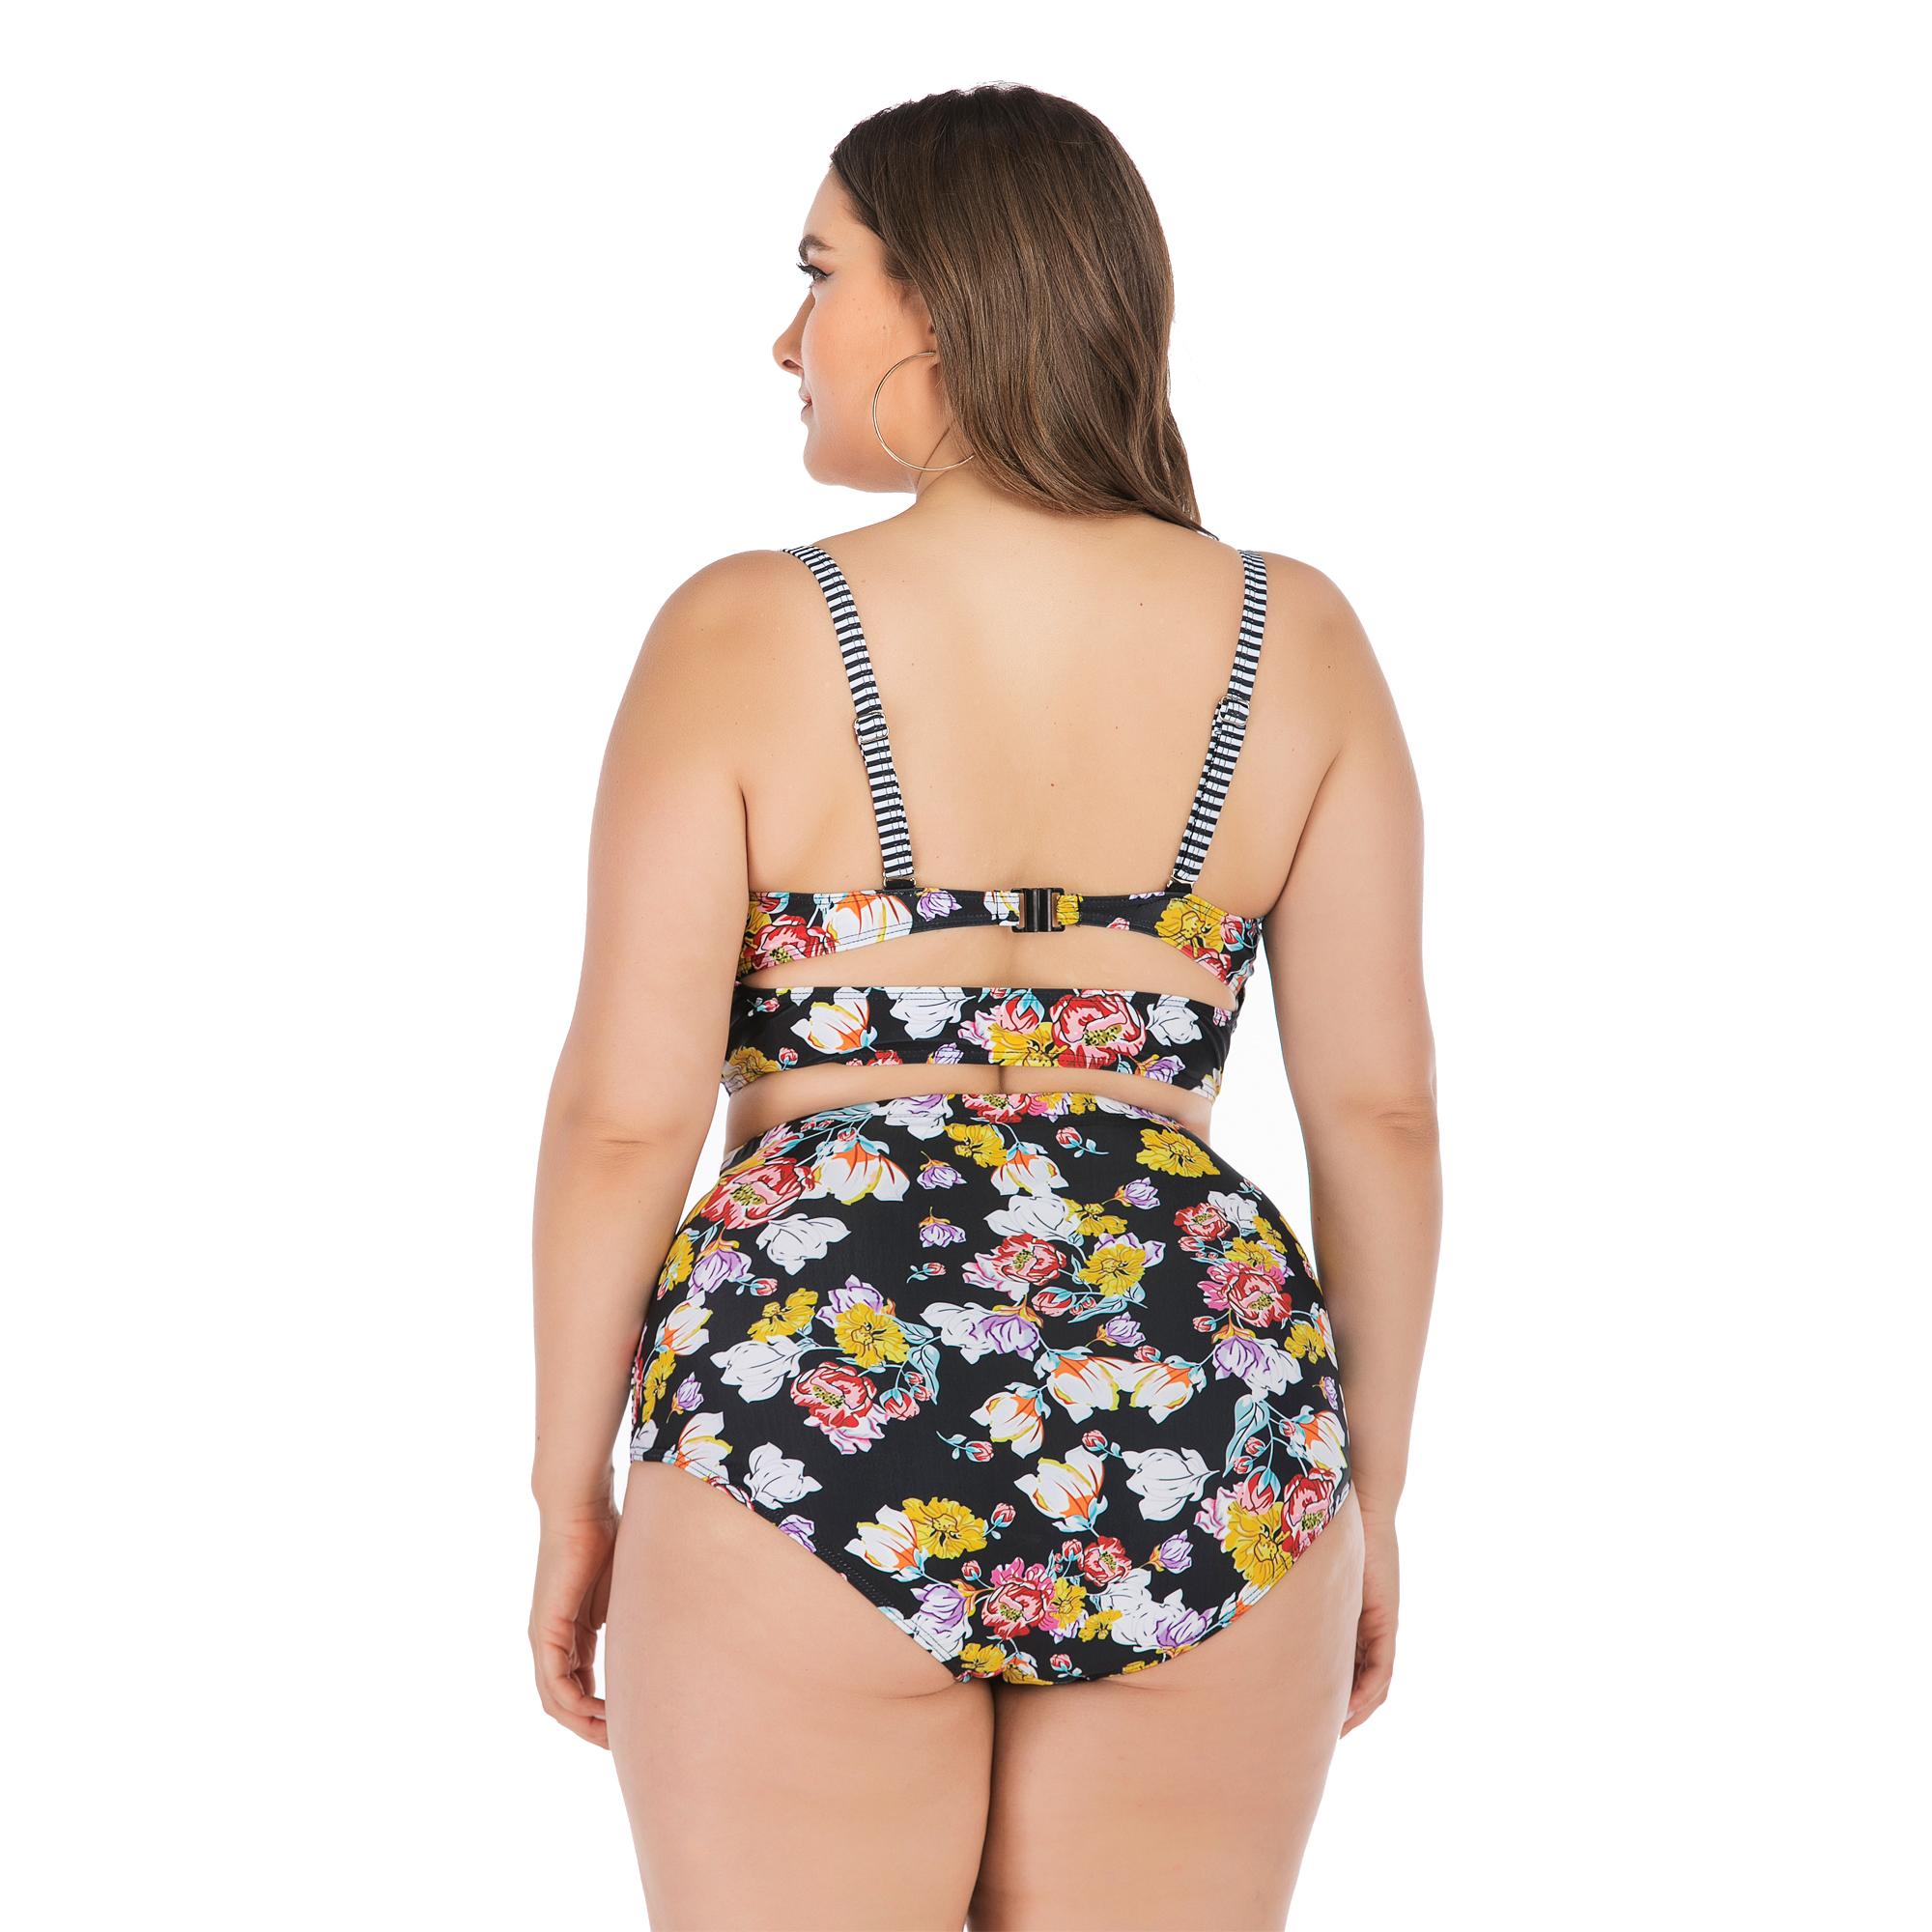 Stunning Teen Bikini Plus Size